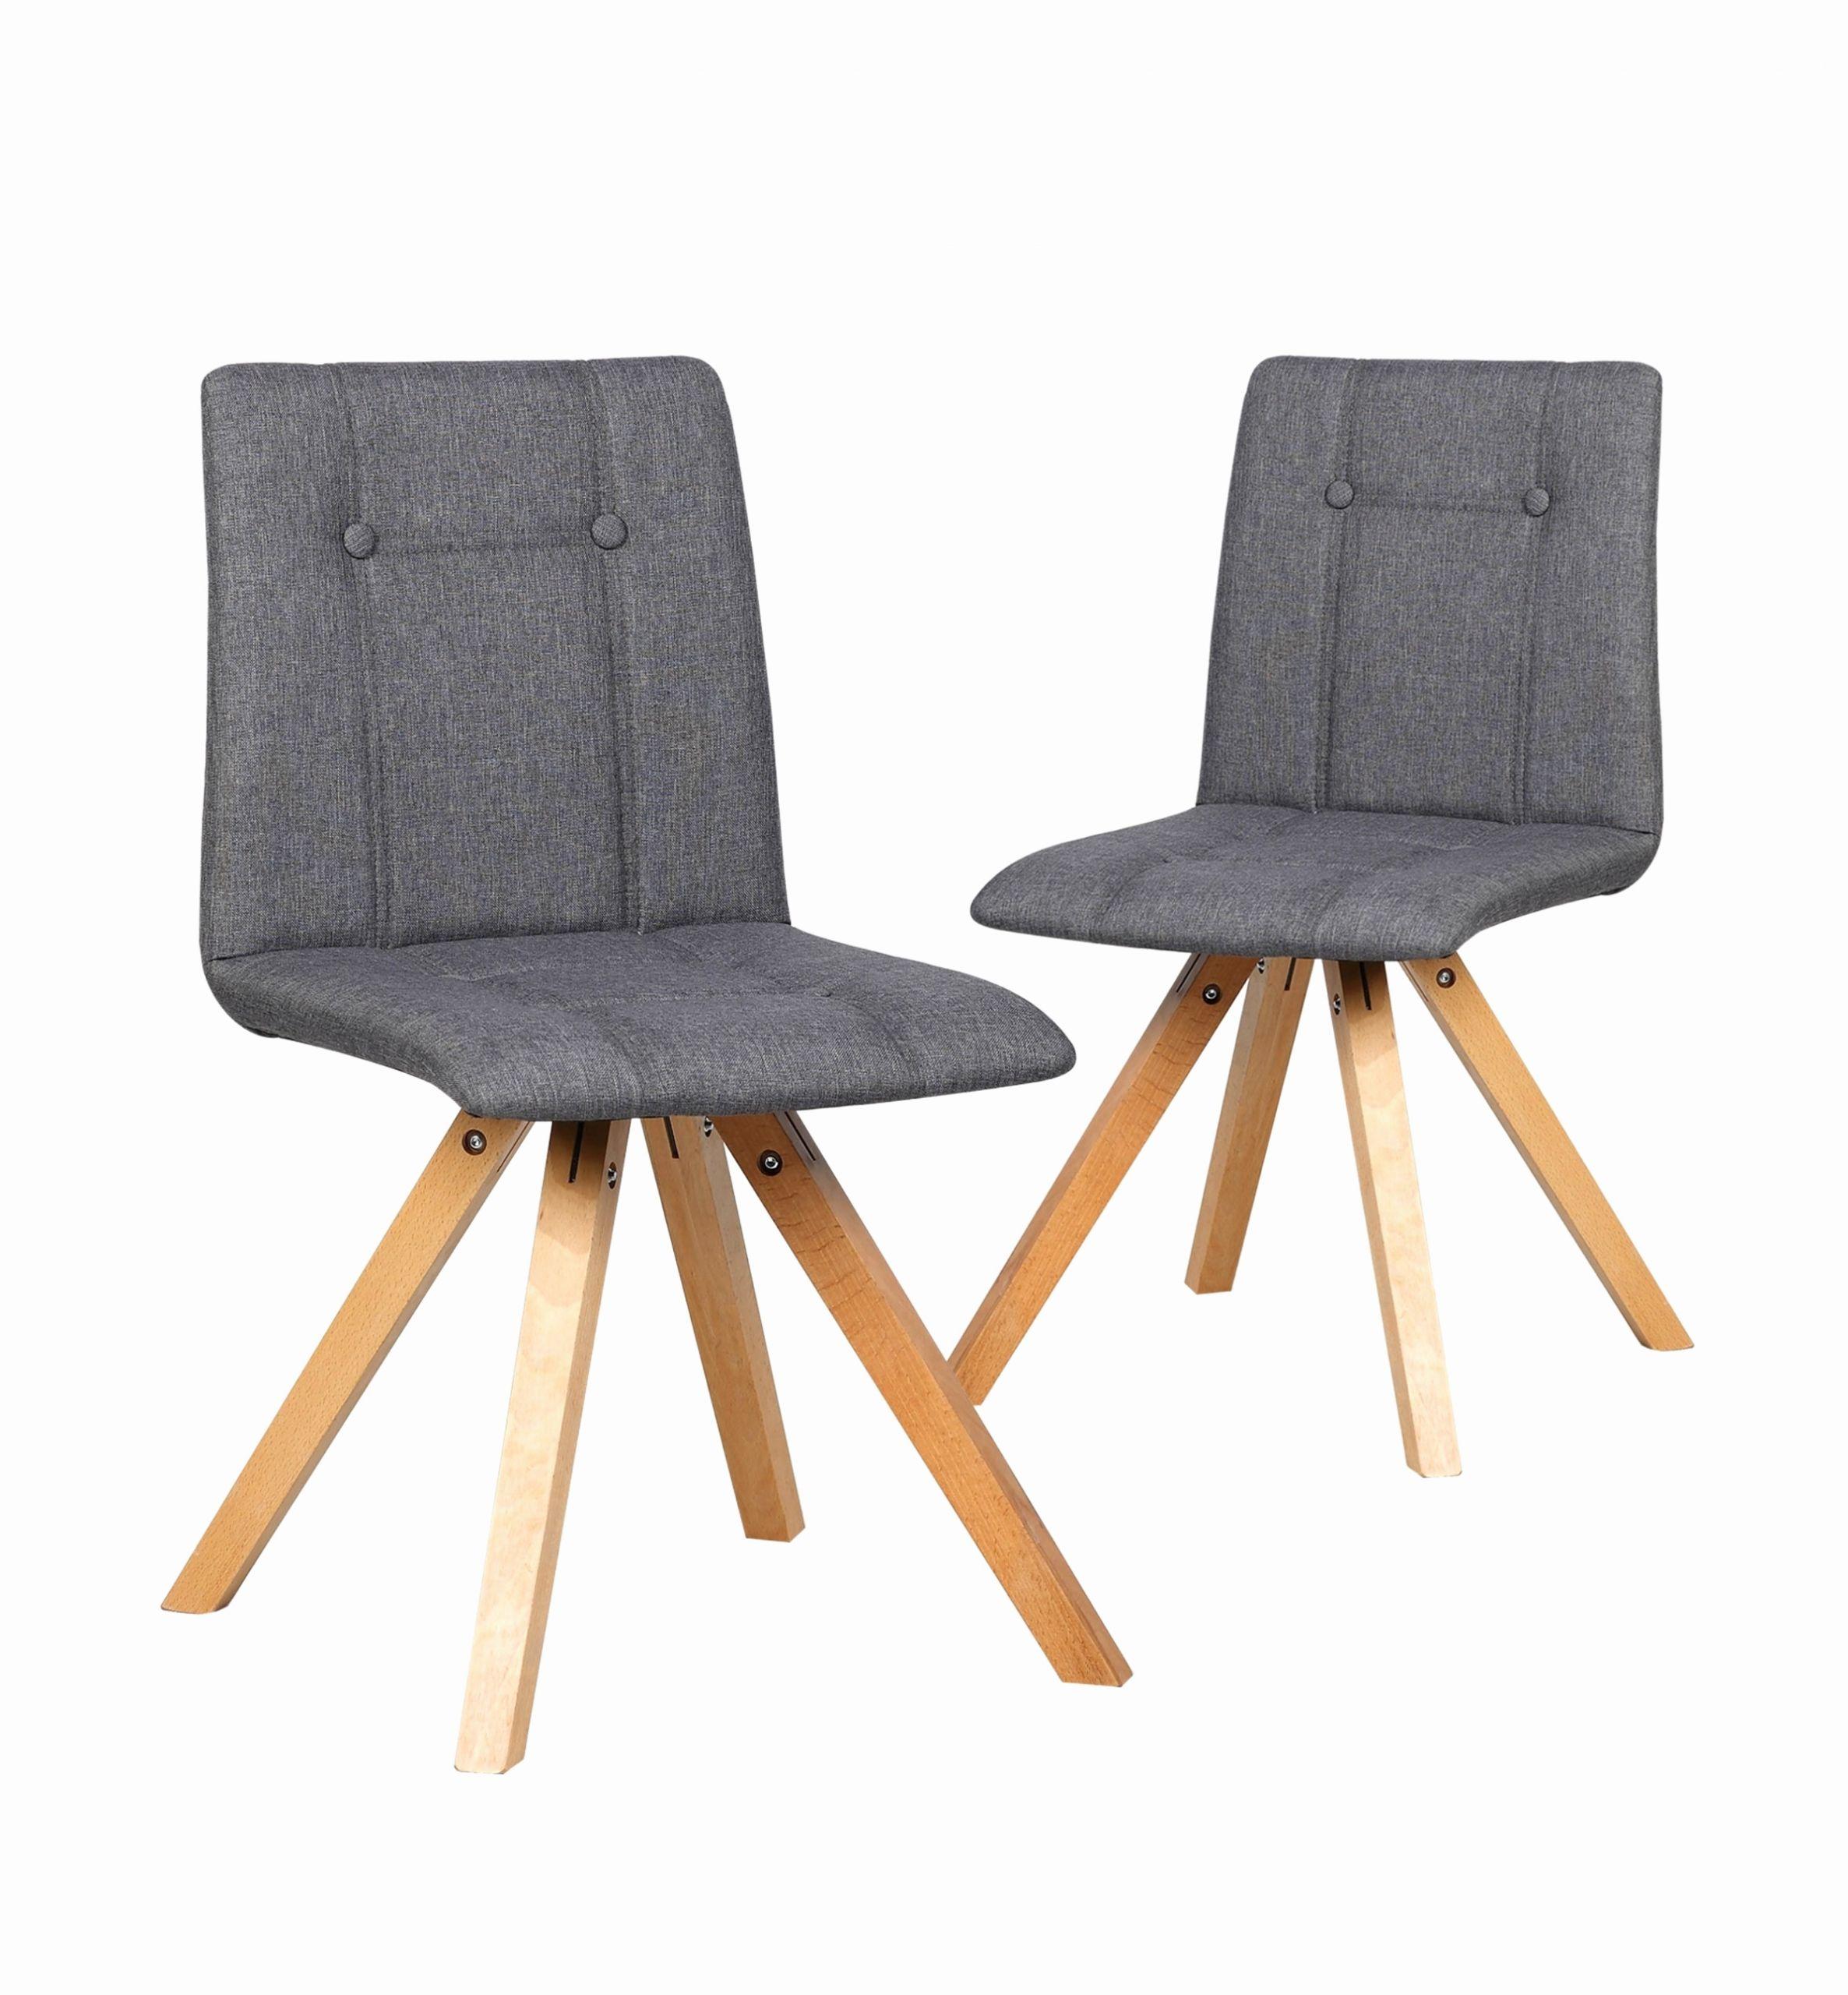 chaise de jardin en teck frais chaise en teck laguerredesmots of chaise de jardin en teck